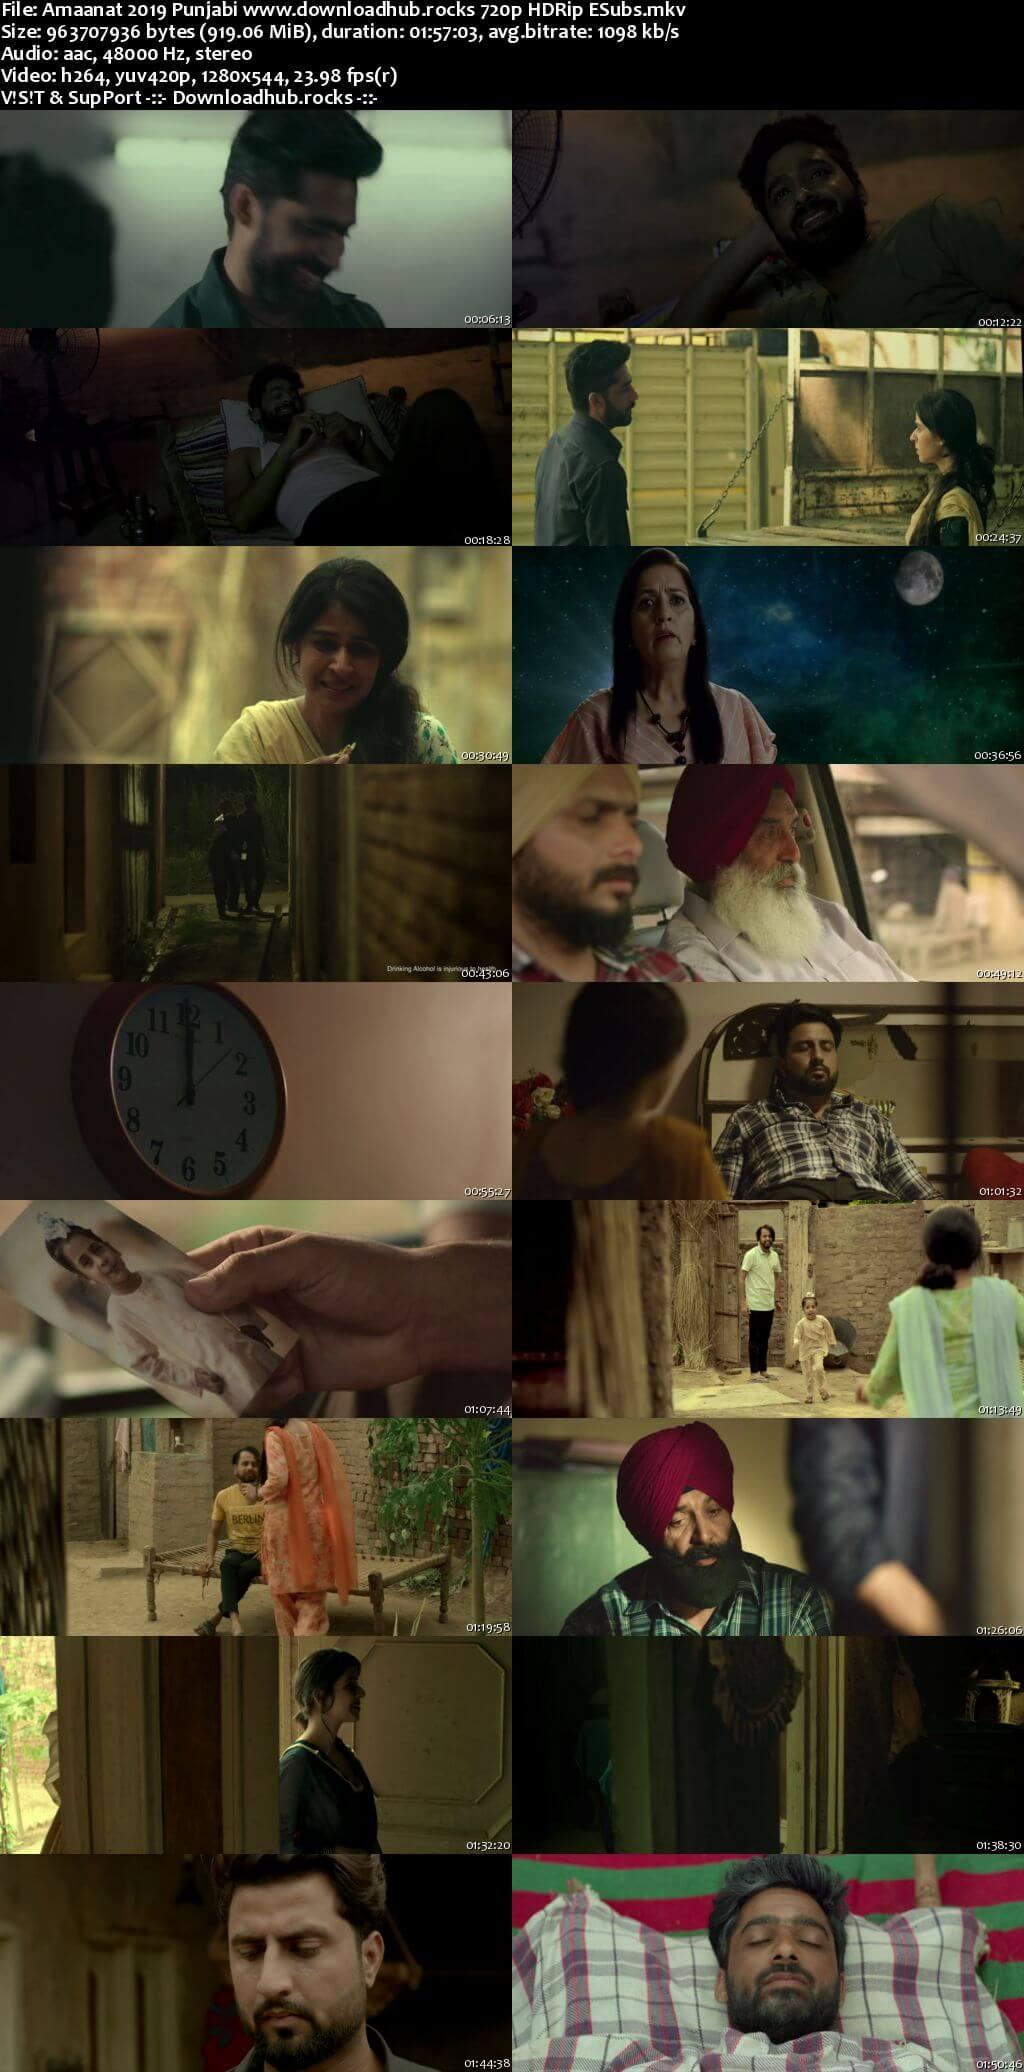 Ishqaa 2019 Punjabi 720p HDRip ESubs